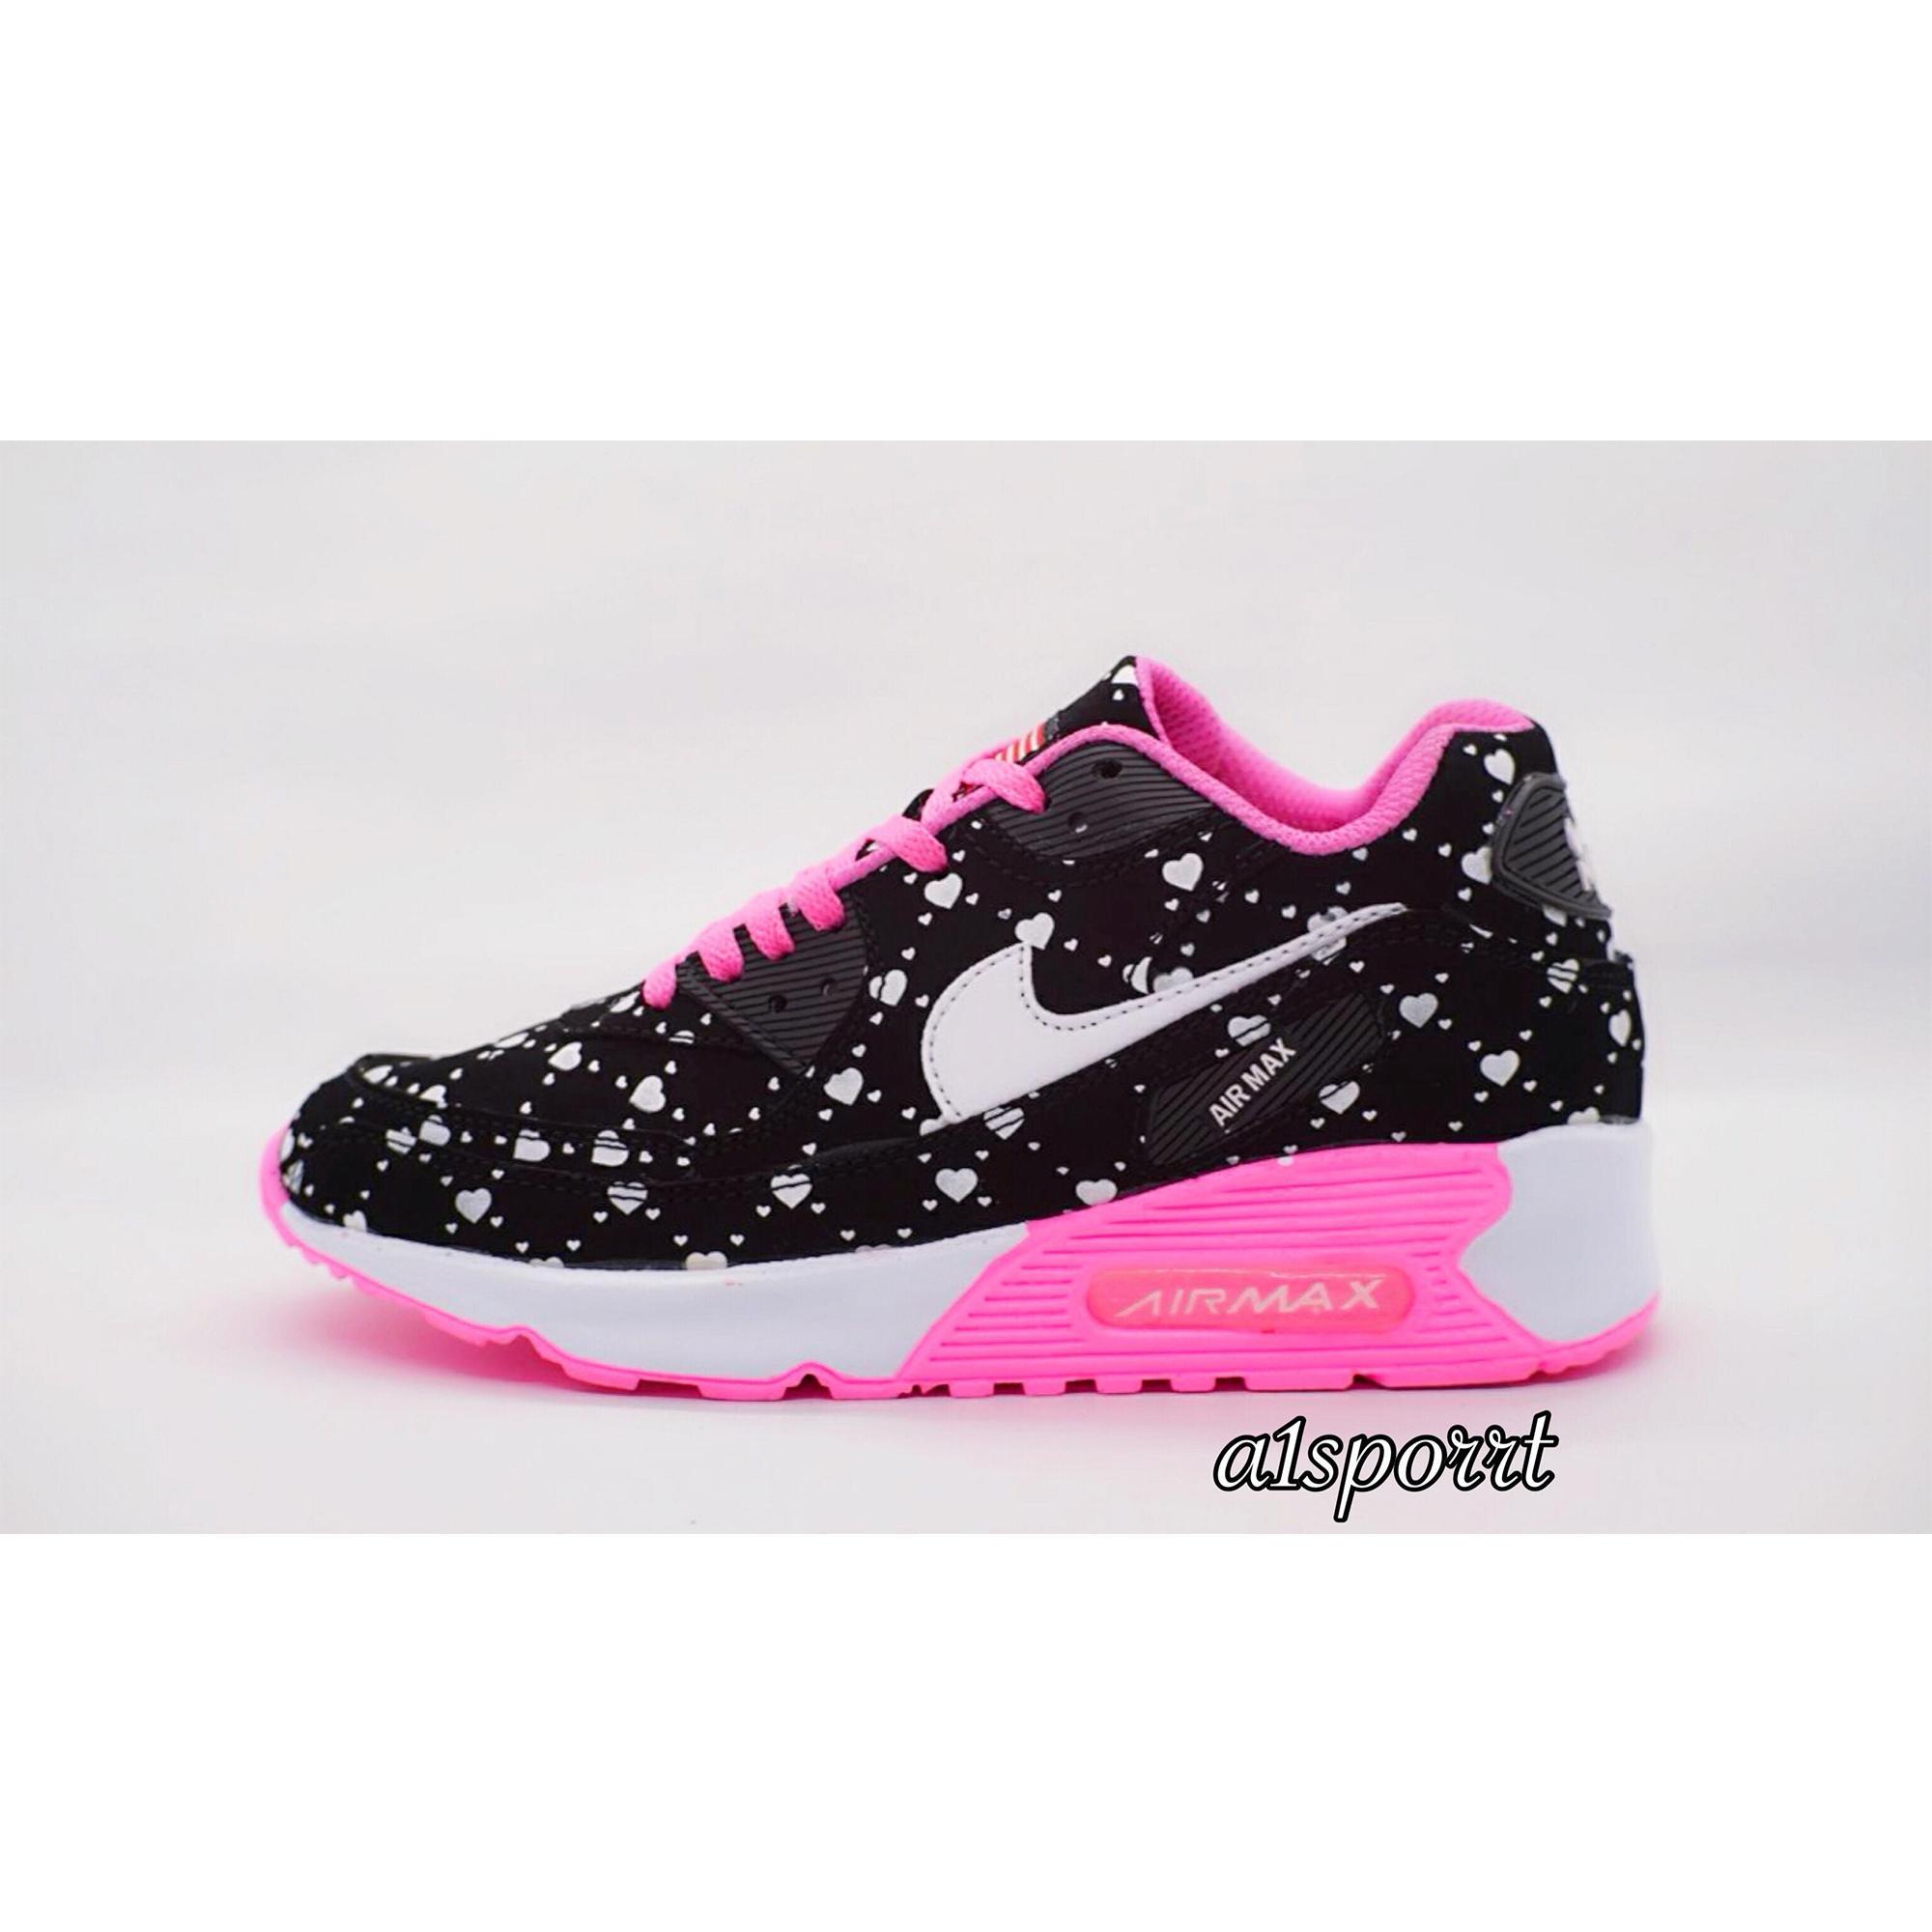 Sepatu Murah Nike Airmax Kualitas Premium Hitam Putih Love Pink